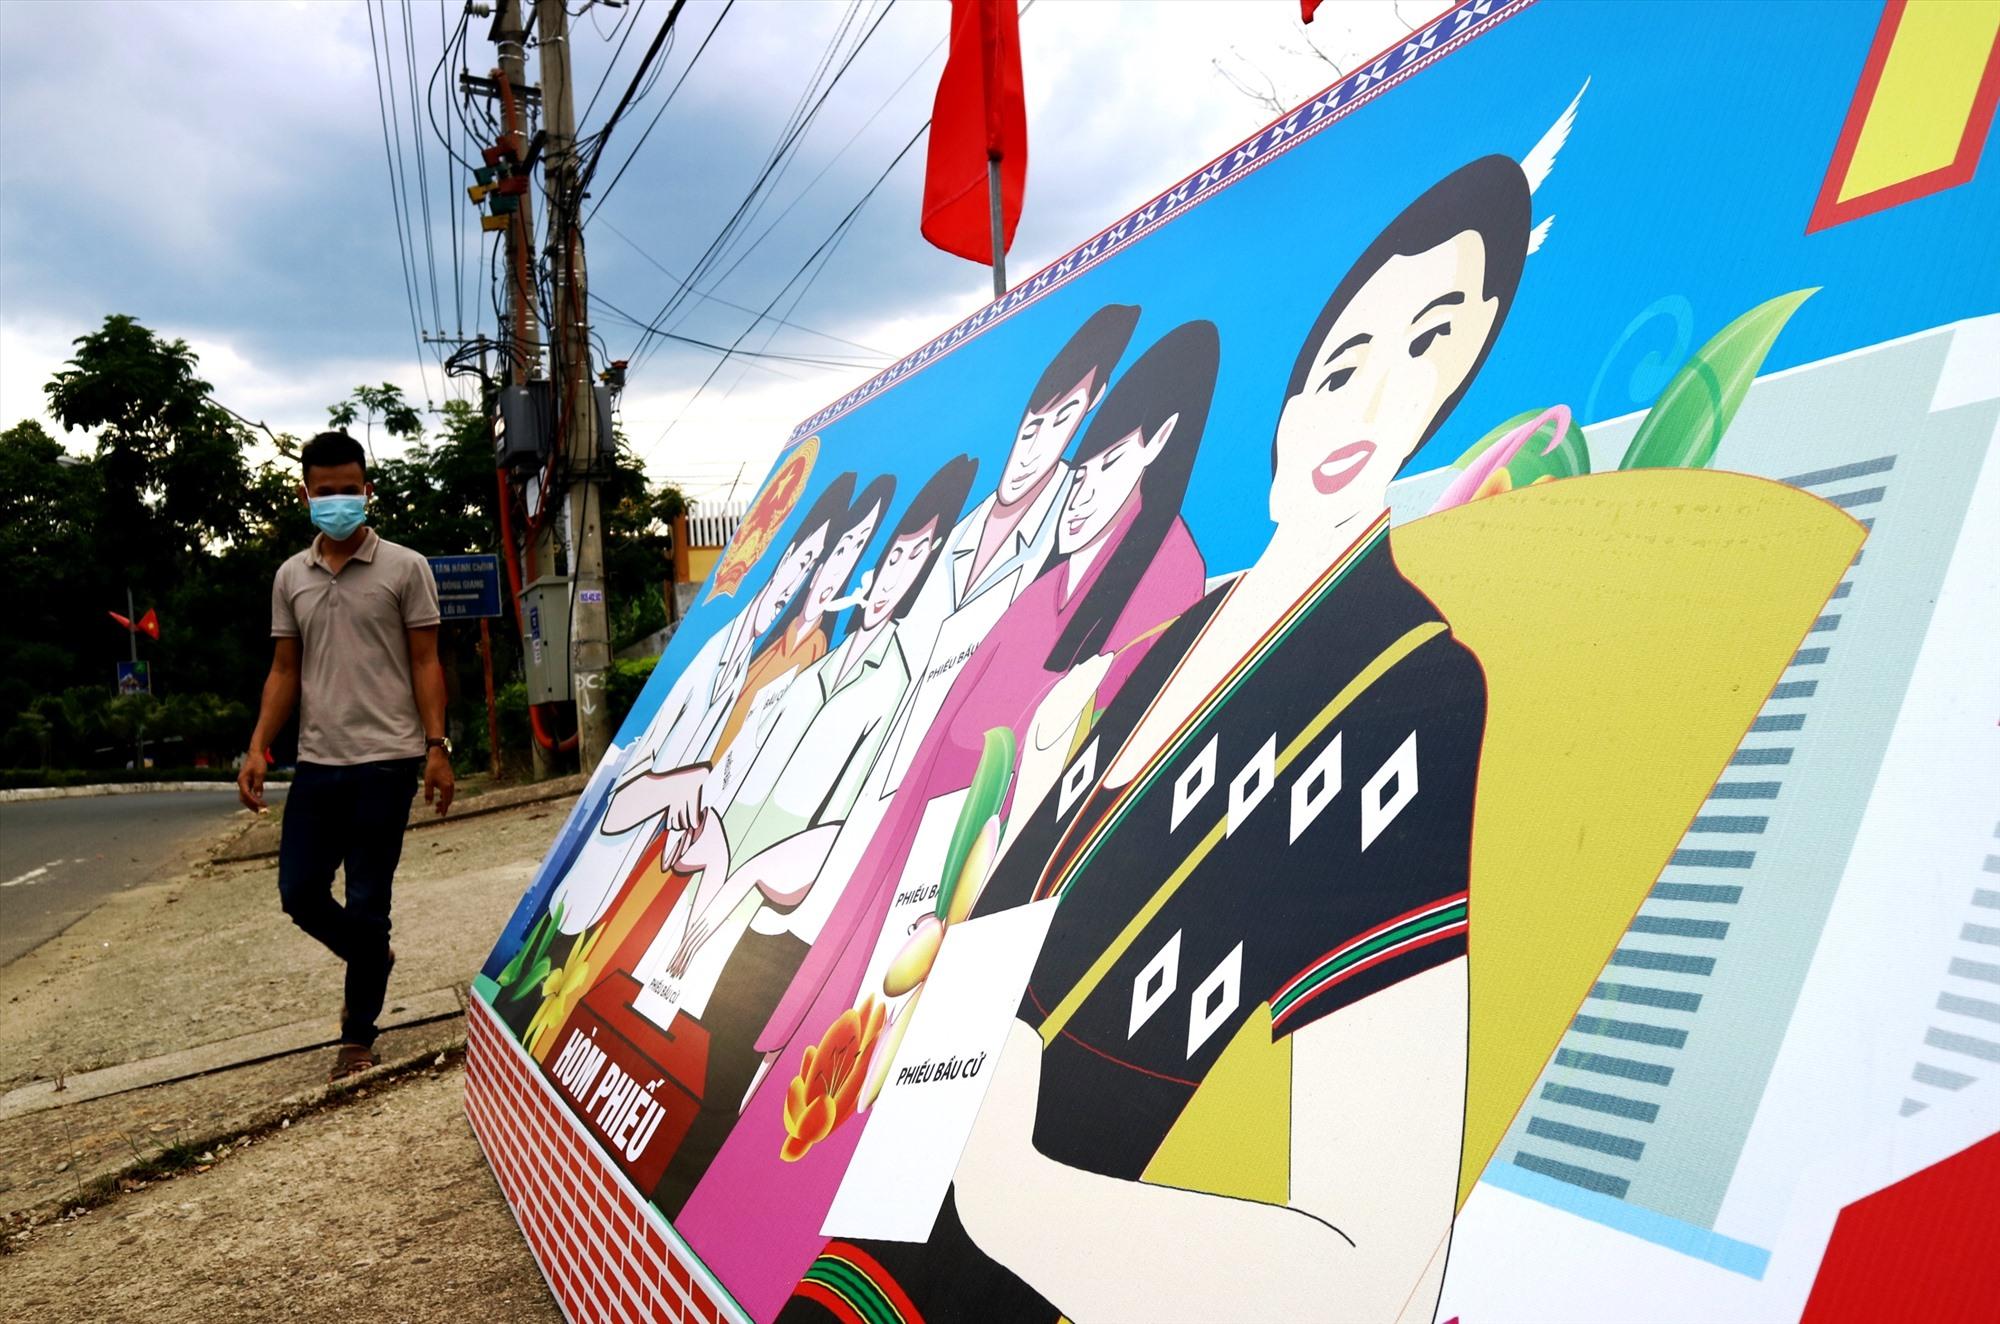 Một pa-nô tuyên truyền cỡ lớn được dựng trước UBND huyện Đông Giang, ngay tuyến đường Hồ Chí Minh.